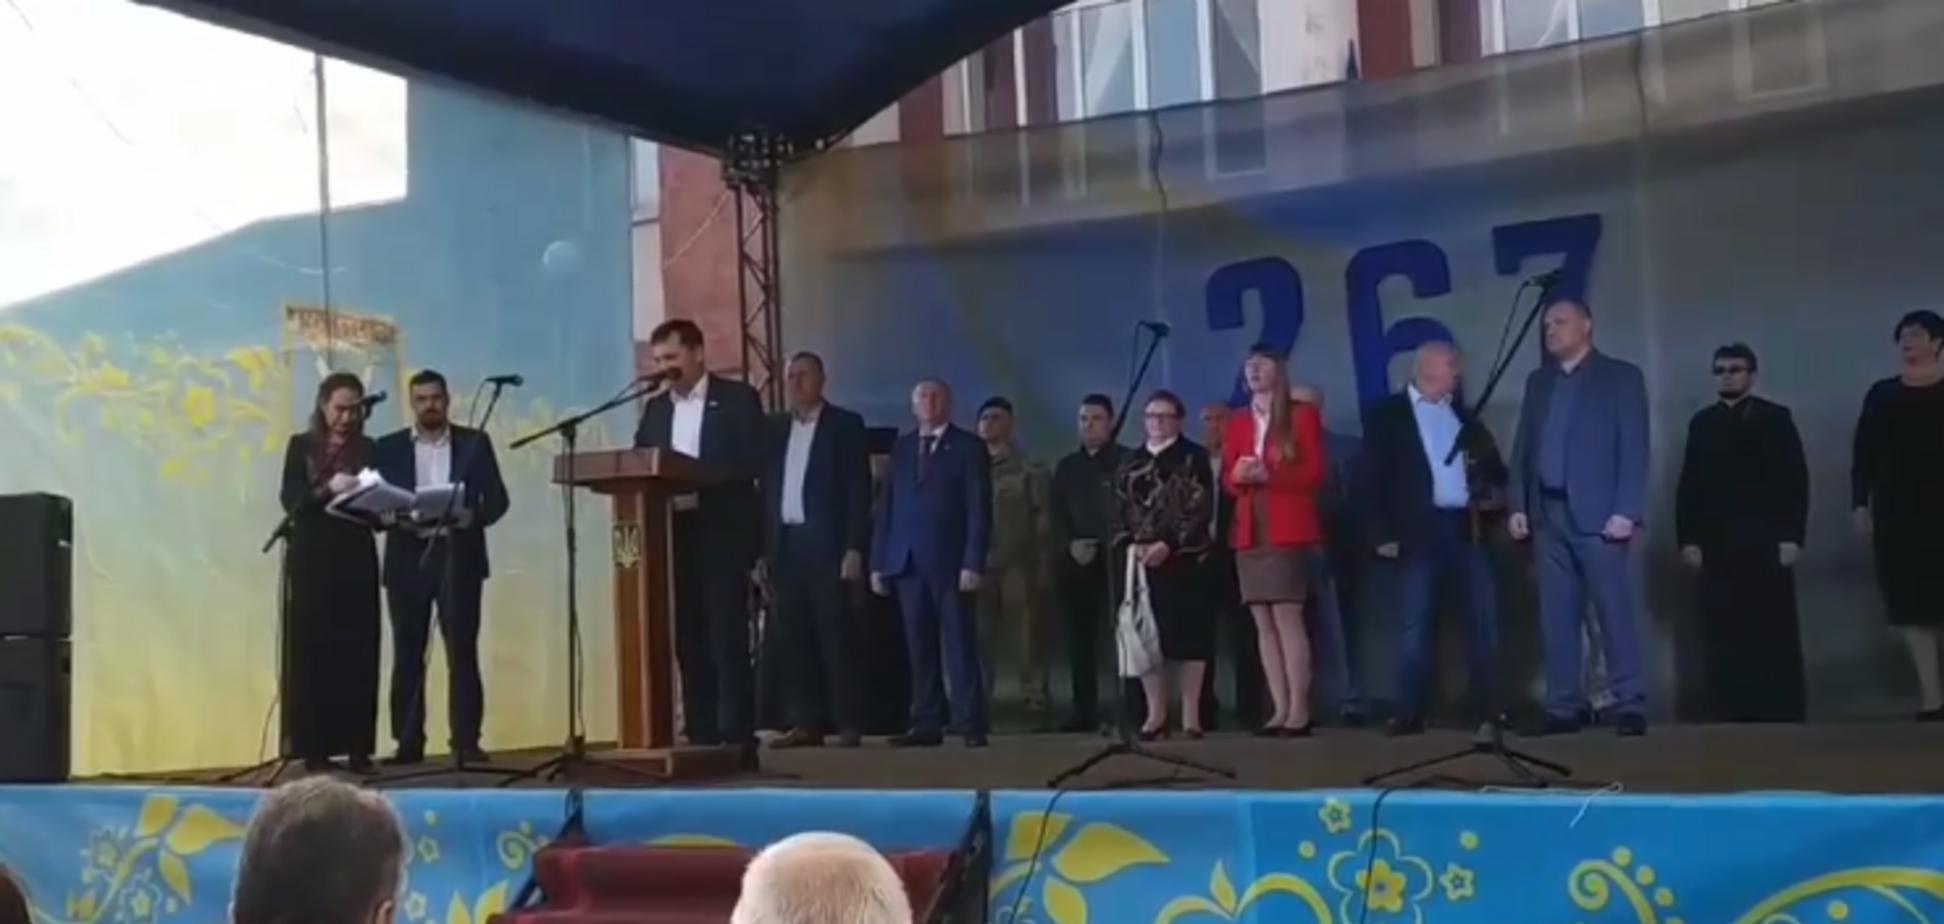 Мэр Кодымы феерично выступил перед громадой на День города